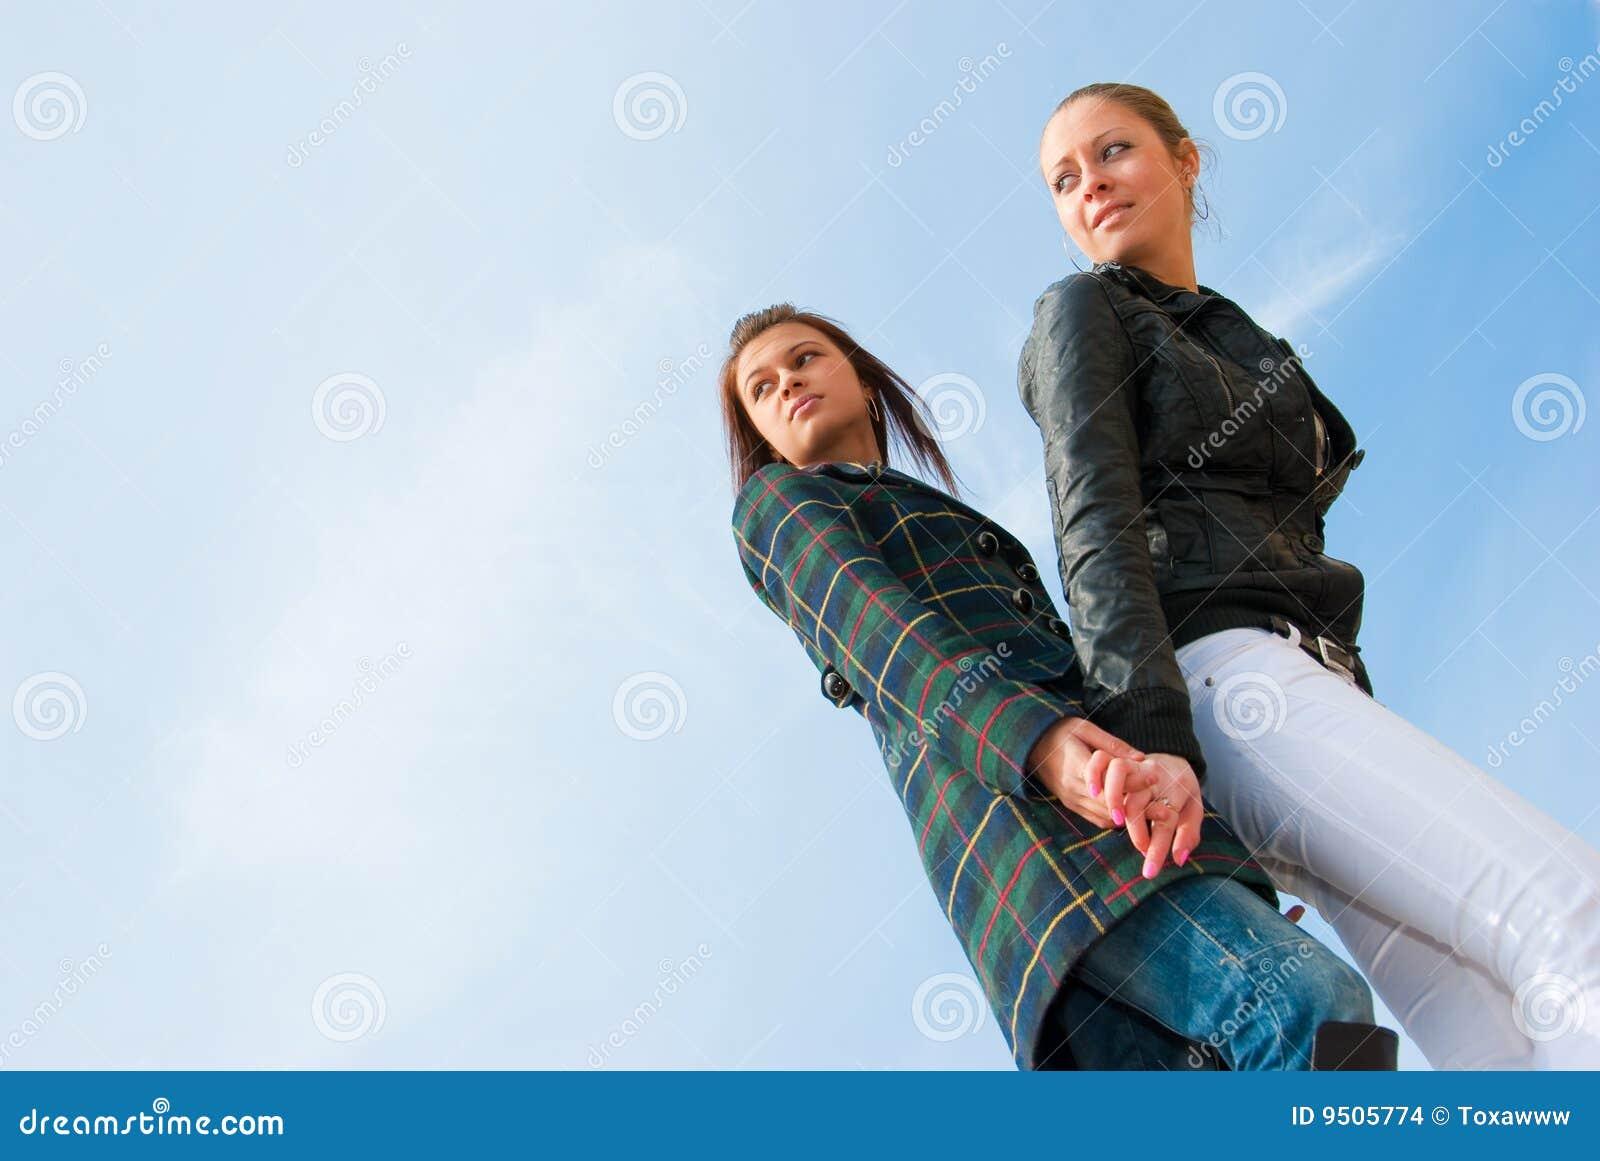 Retrato de dos chicas jóvenes sobre el cielo